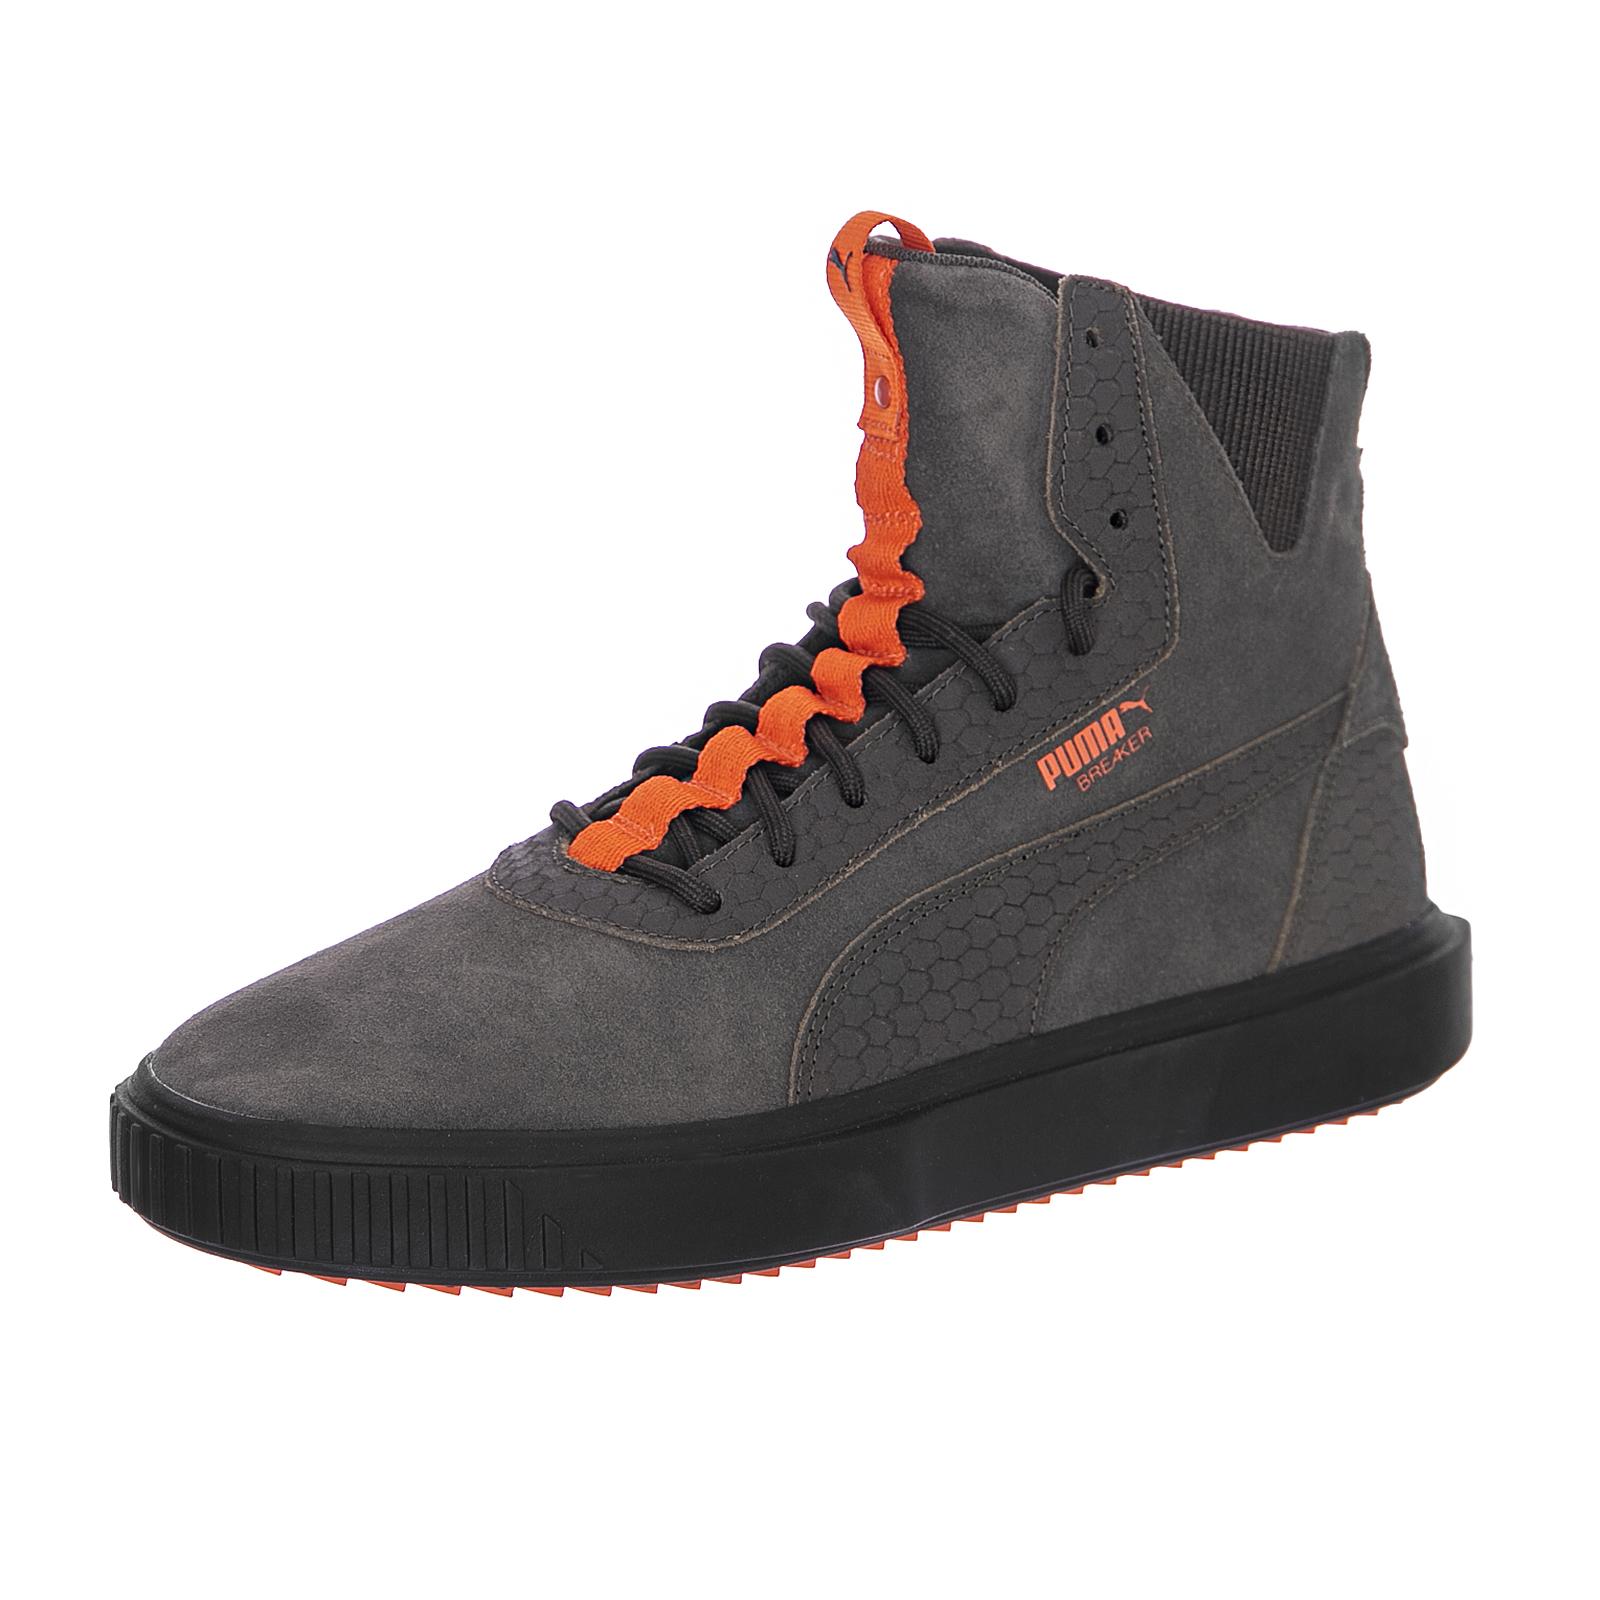 21f5f7f44d51 Puma Sneakers puma Breaker Hi Fof Forest Night-Puma Black Green